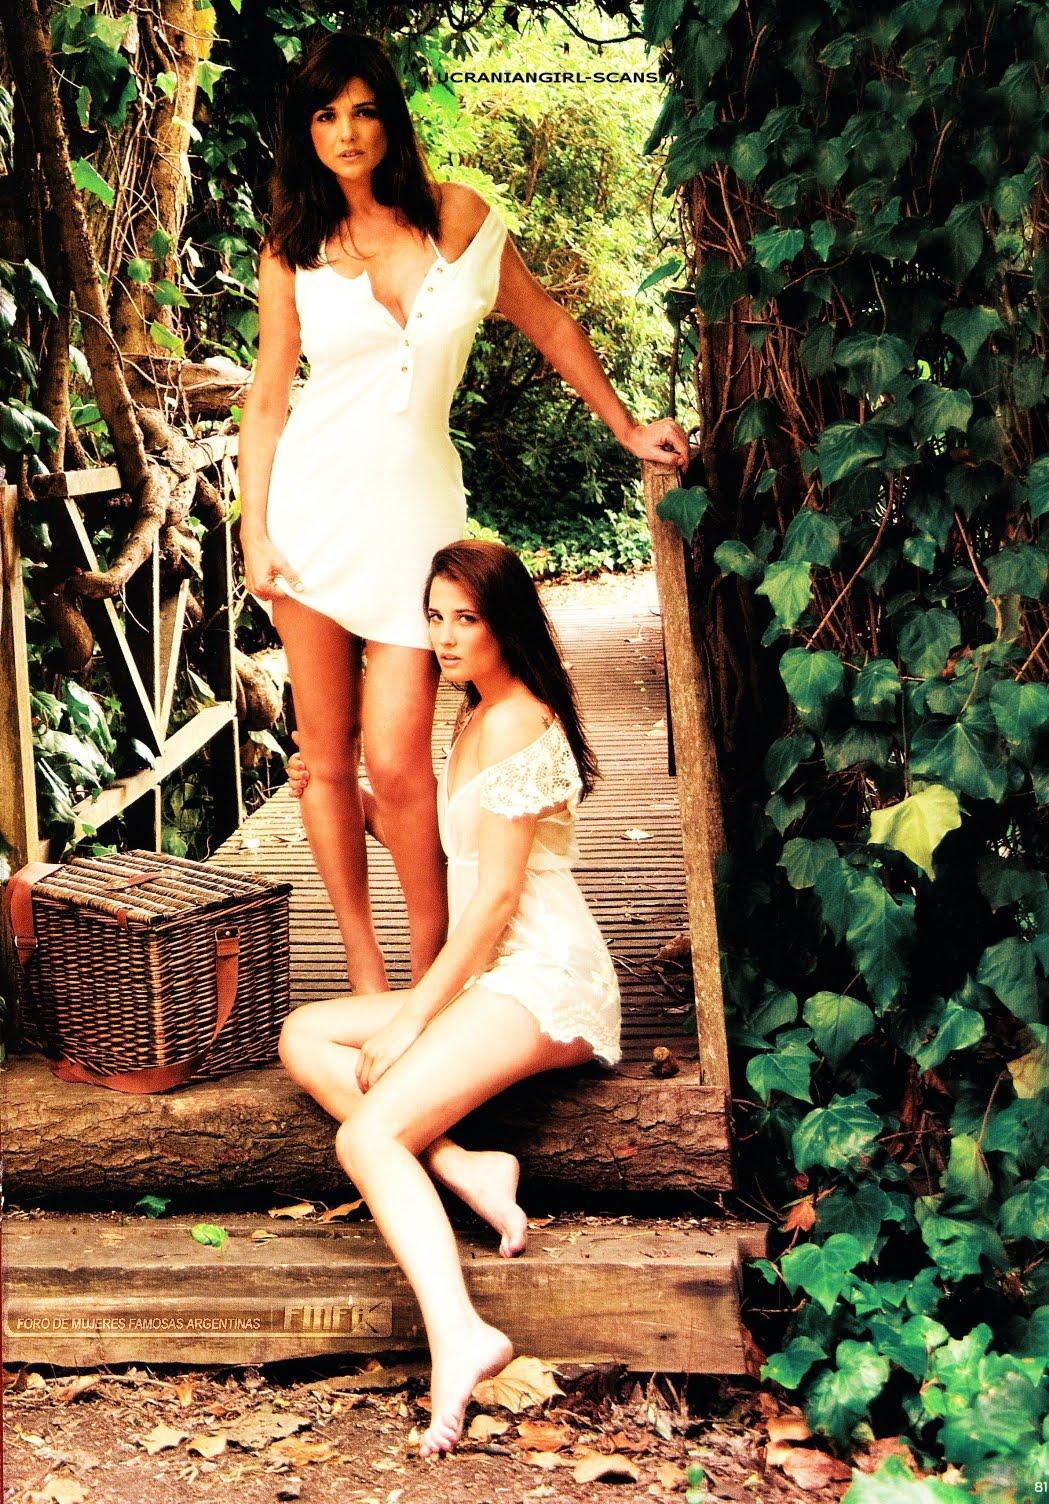 http://2.bp.blogspot.com/-3_0FHPAjt2Y/TYp77zPWSQI/AAAAAAAAADE/AtqKSpKRtGQ/s1600/39268_tduid1059_Araceli_Gonzalez_Florencia_Torrente_Revista_Hola___BlogVen.net___3_123_164lo.jpg